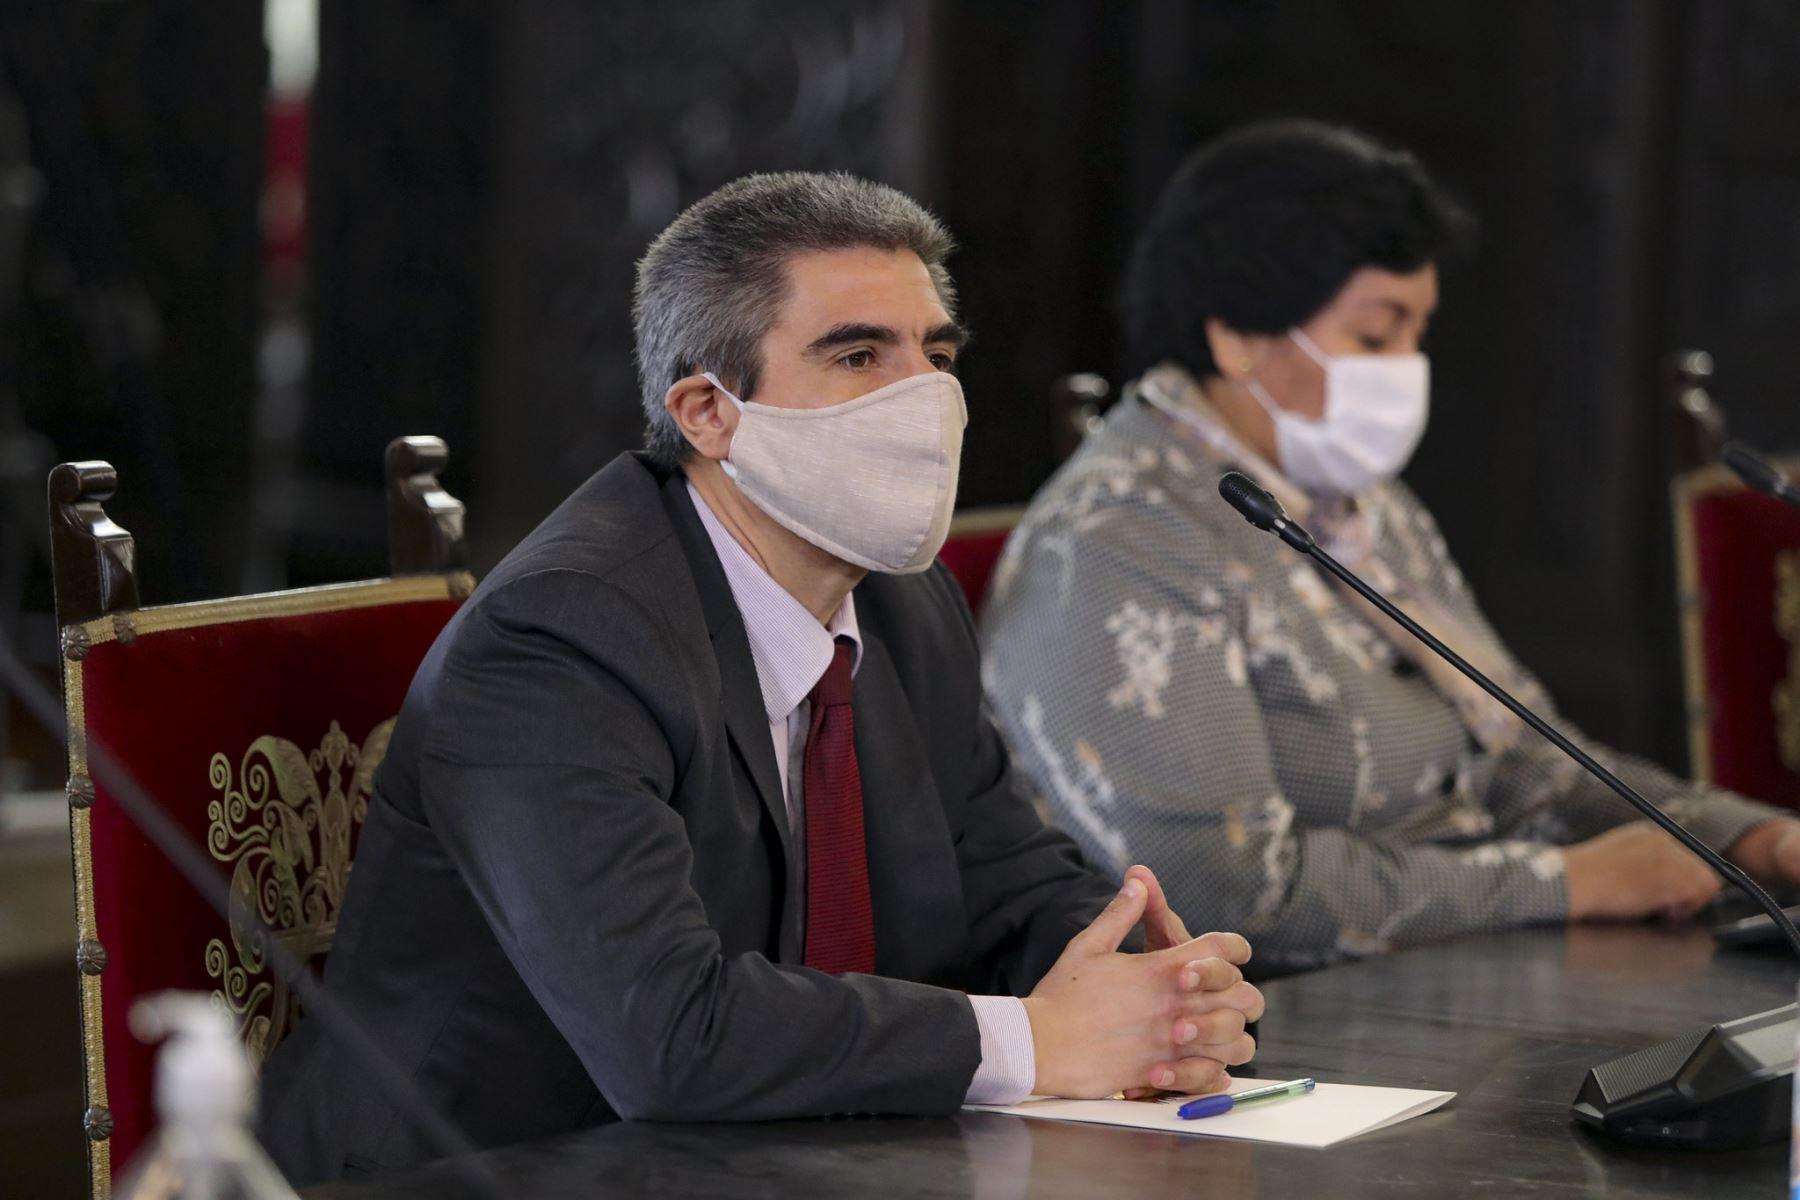 El flamante titular del Ministerio de Cultura, Alejandro Neyra Sánchez participa en conferencia de prensa. Foto: ANDINA/Prensa Presidencia